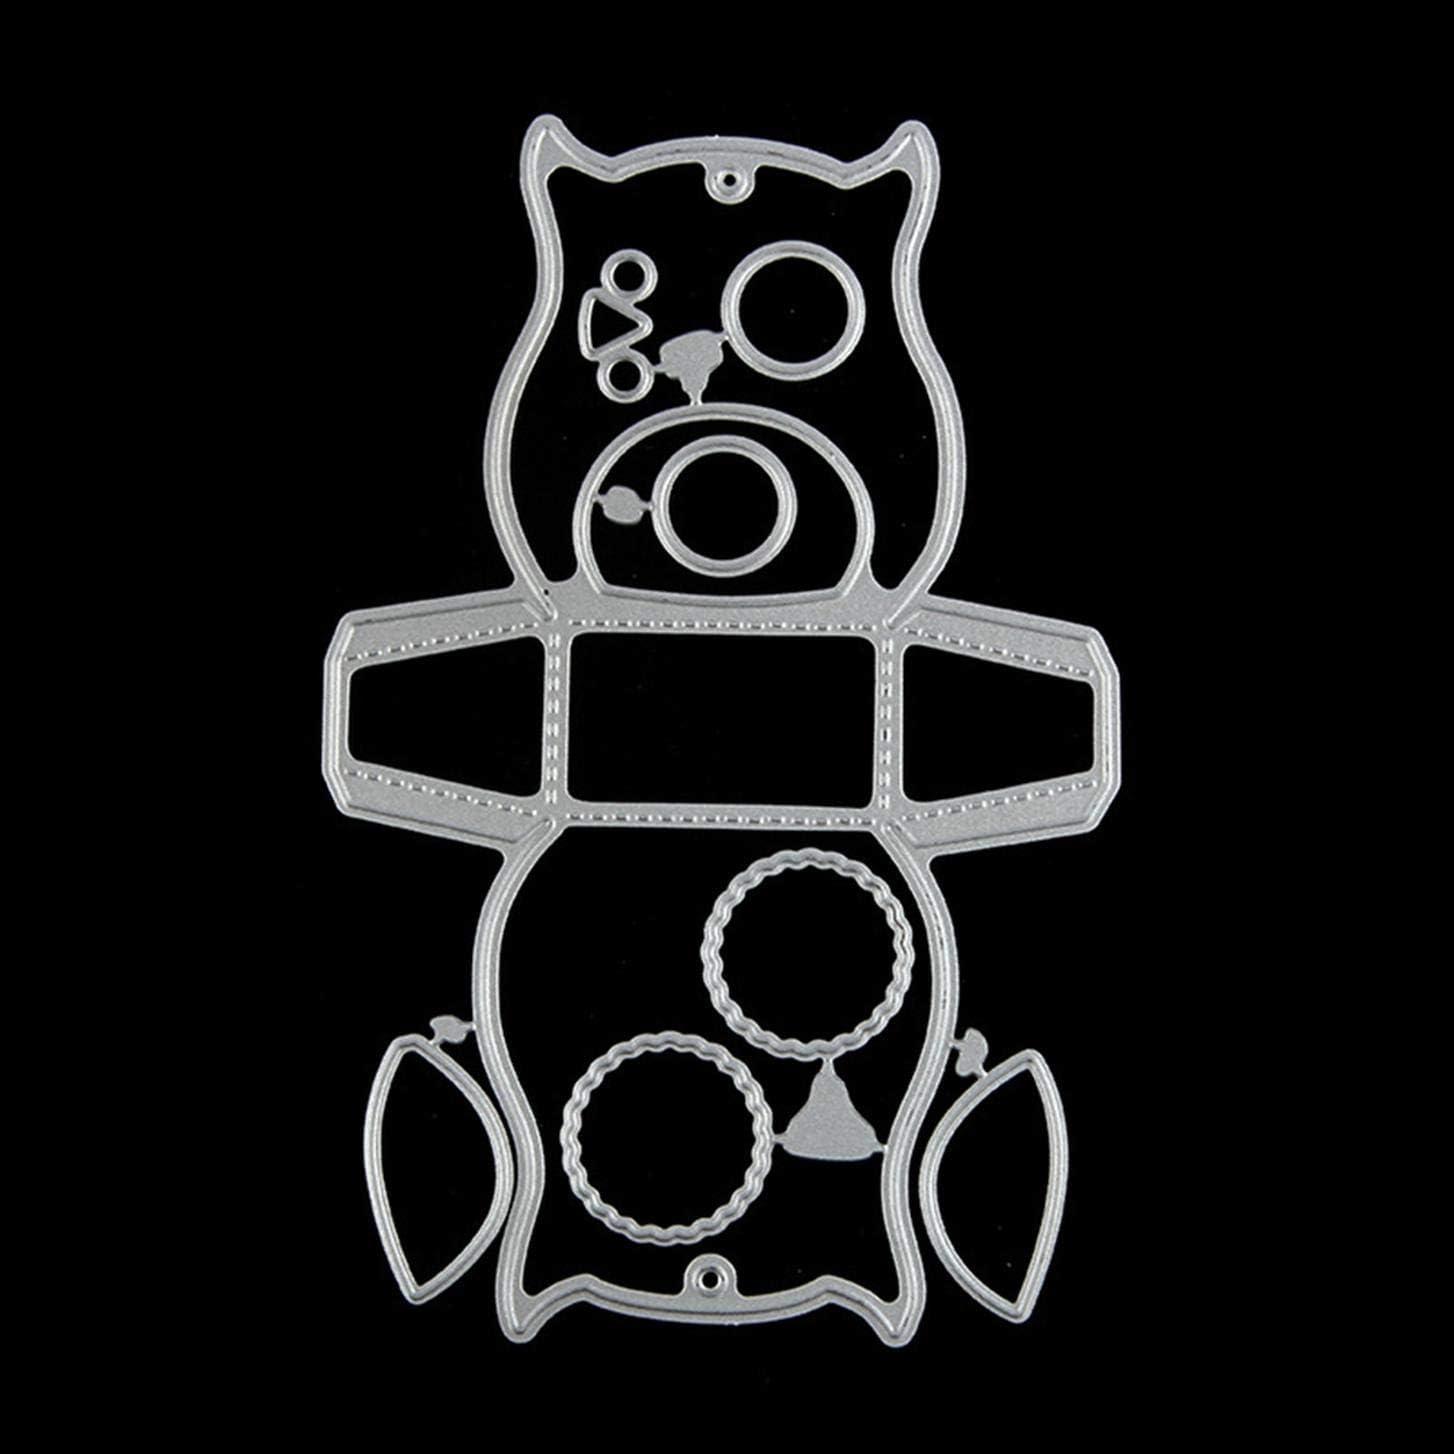 stencil artigianato a forma di gufo biglietti Dyudyrujdtry Fustella in metallo album di ritagli decorazione per la casa Colore immagine per fai da te